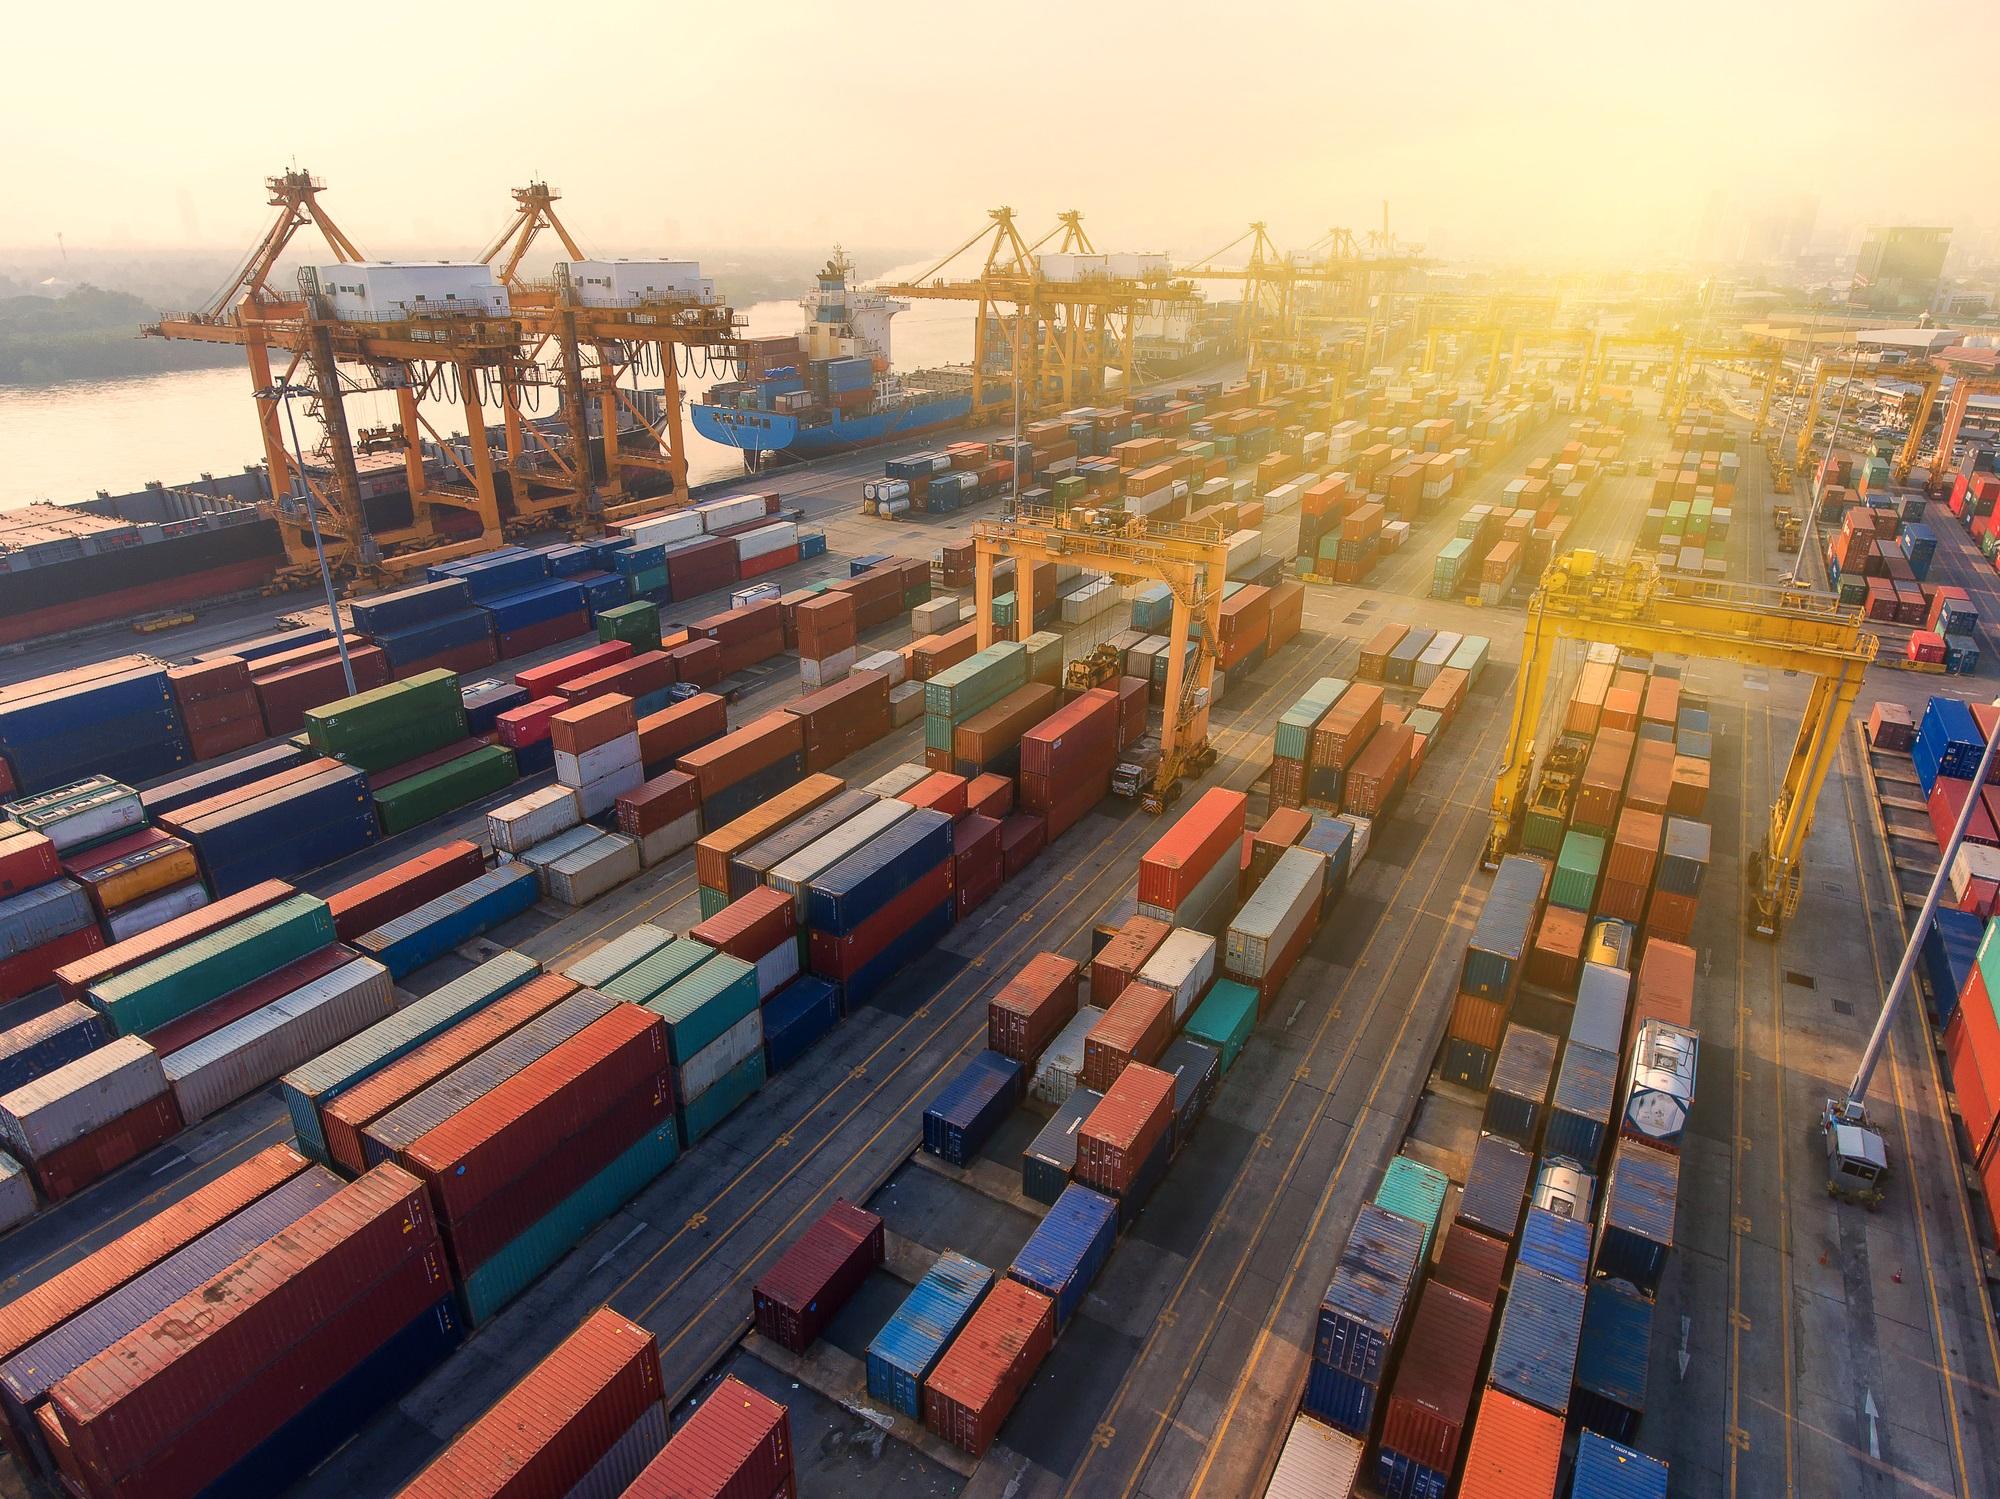 Ekspordikasv on jätkuvalt tugev, kuid väljavaated on halvenenud